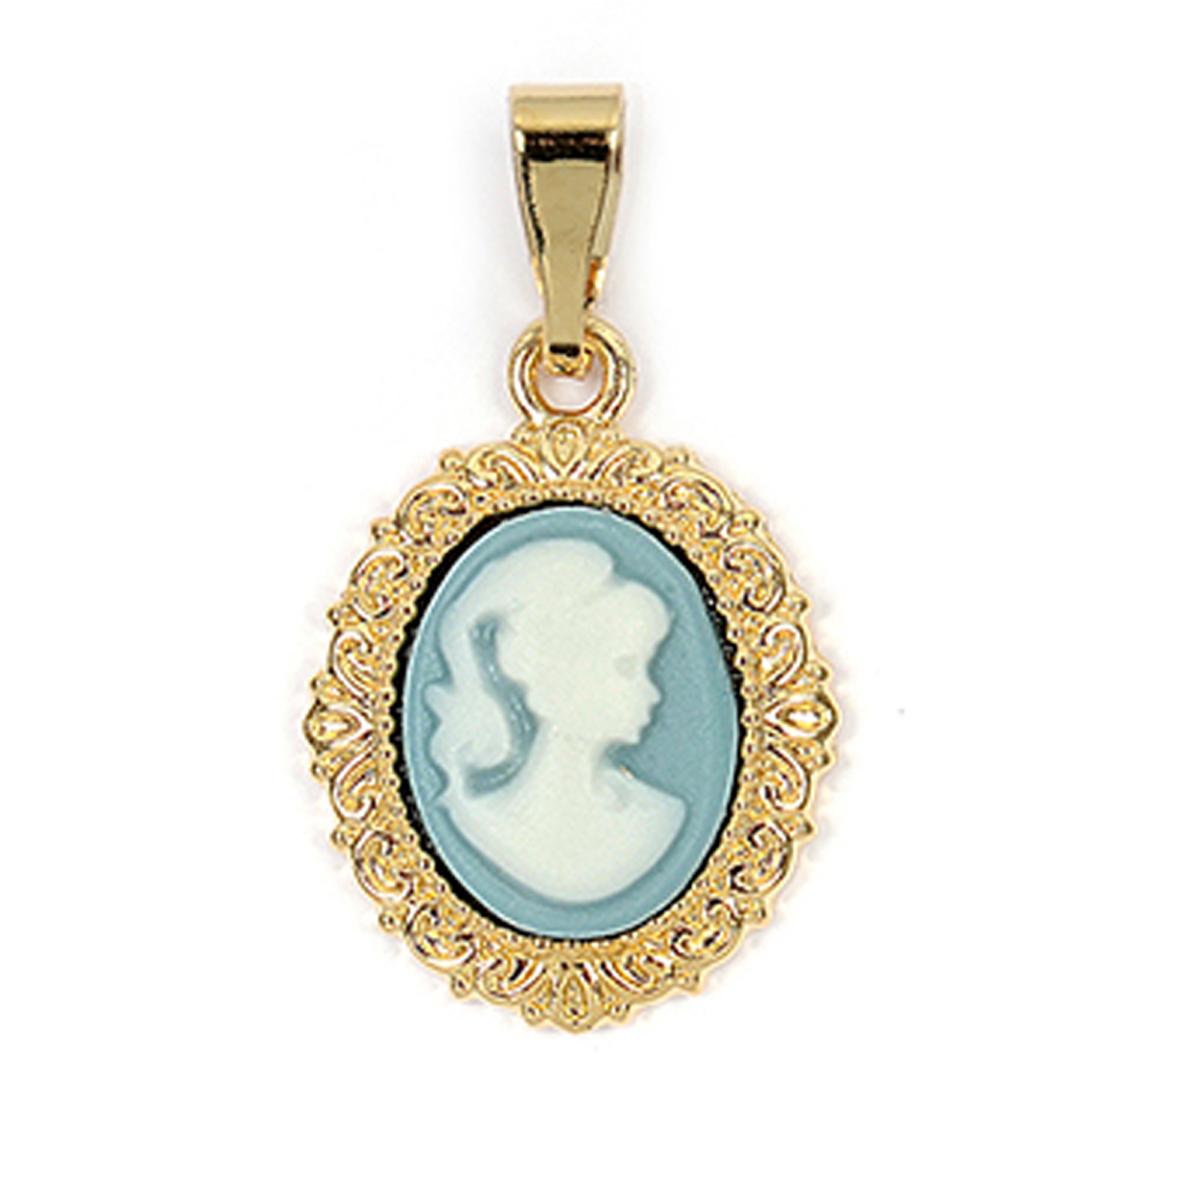 Pendentif Plaqué Or \'Camée\' Bleu doré - 15x12 mm - [R3890]